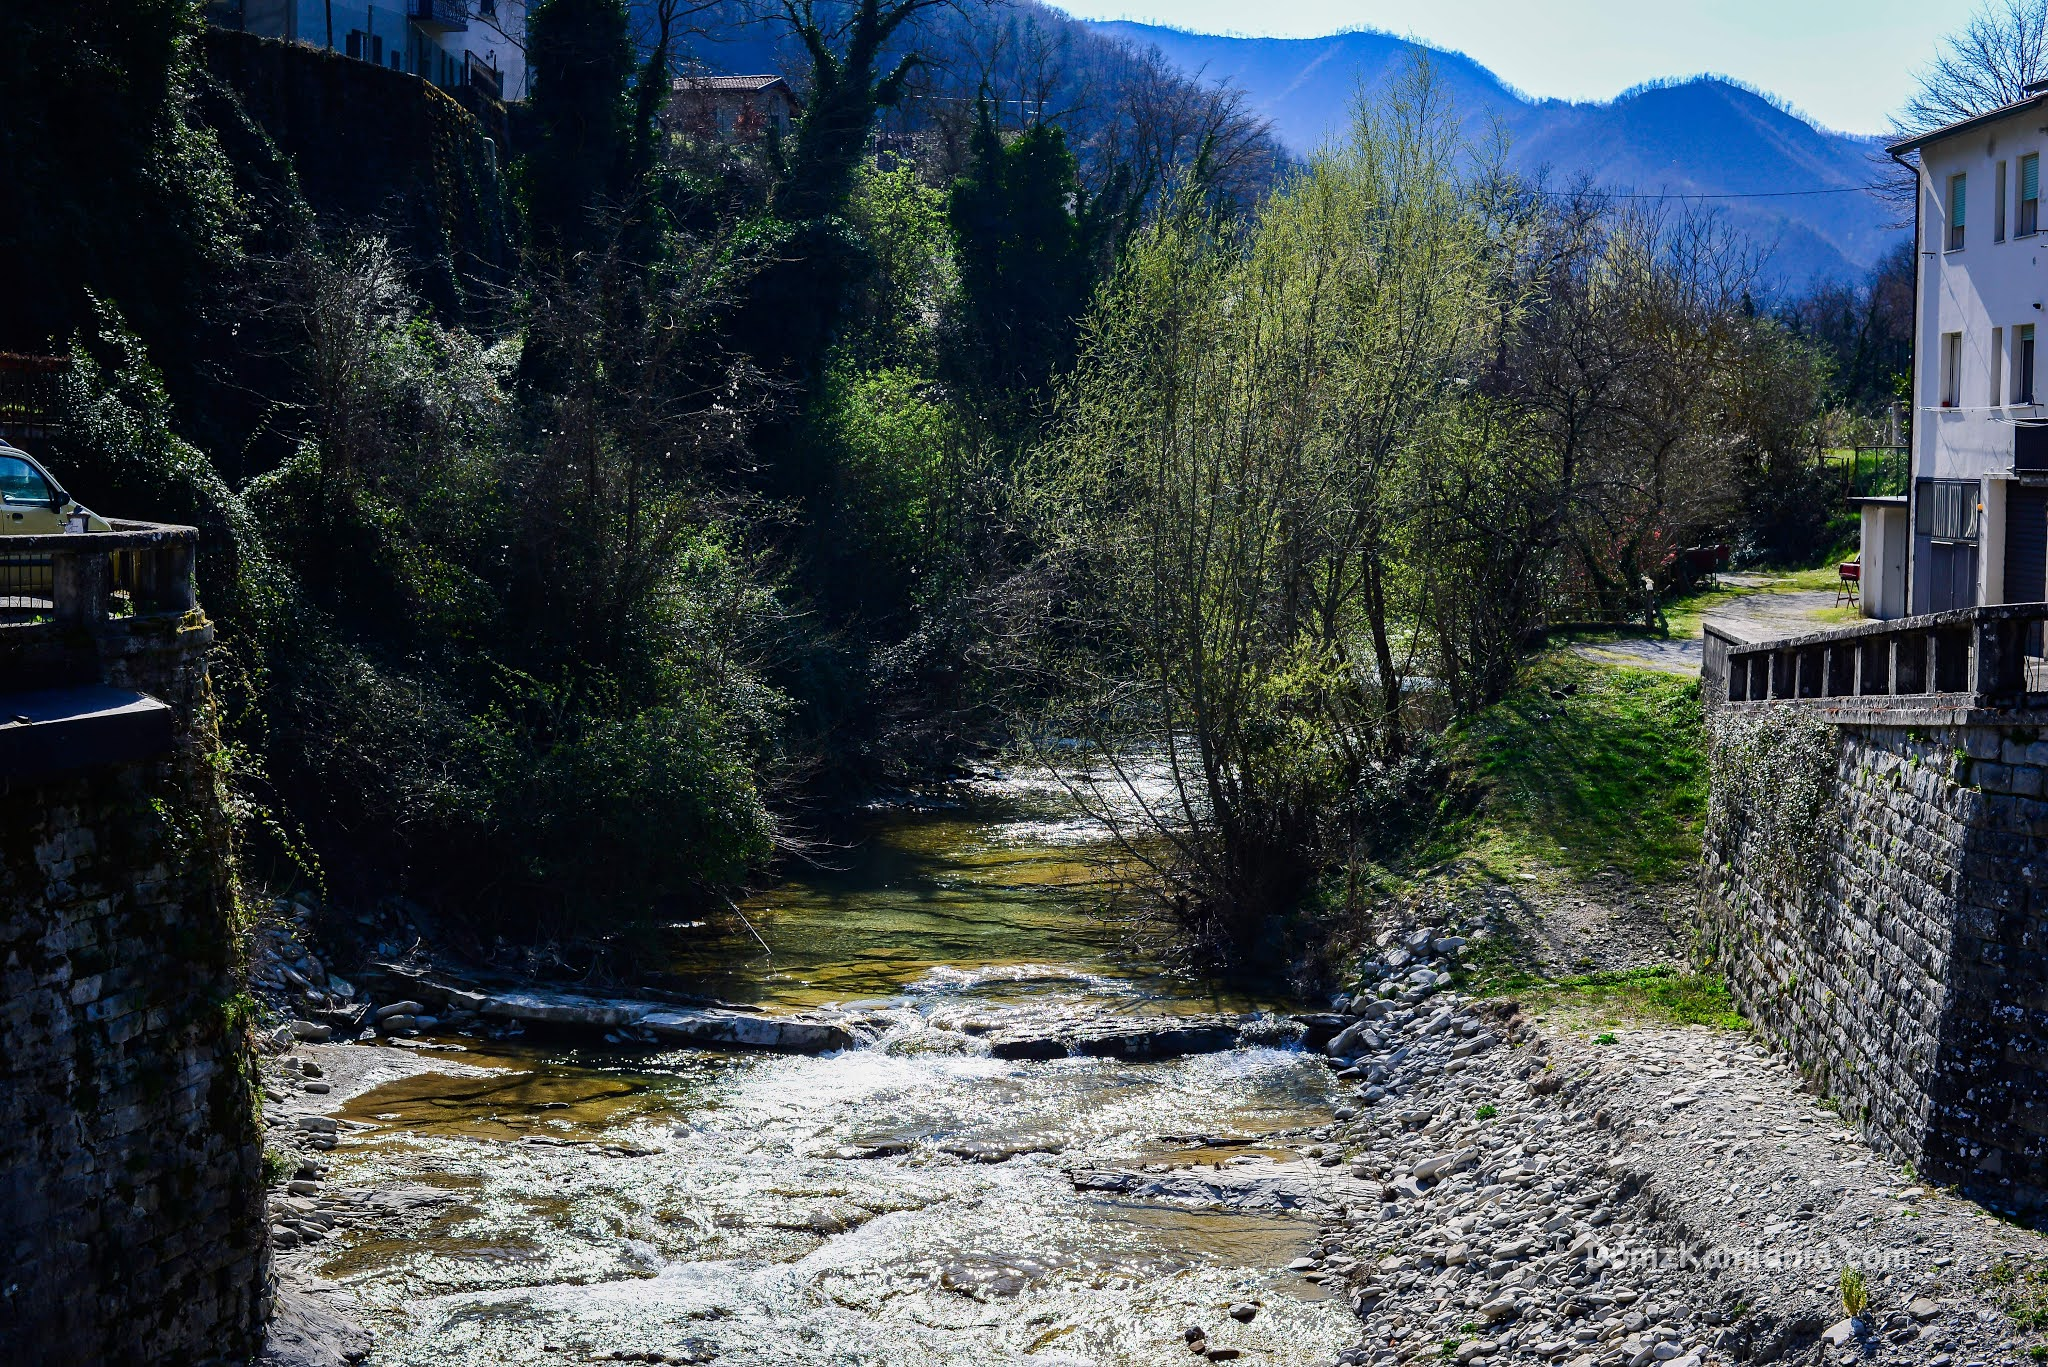 Dom z Kamienia blog, życie w Toskanii, Biforco